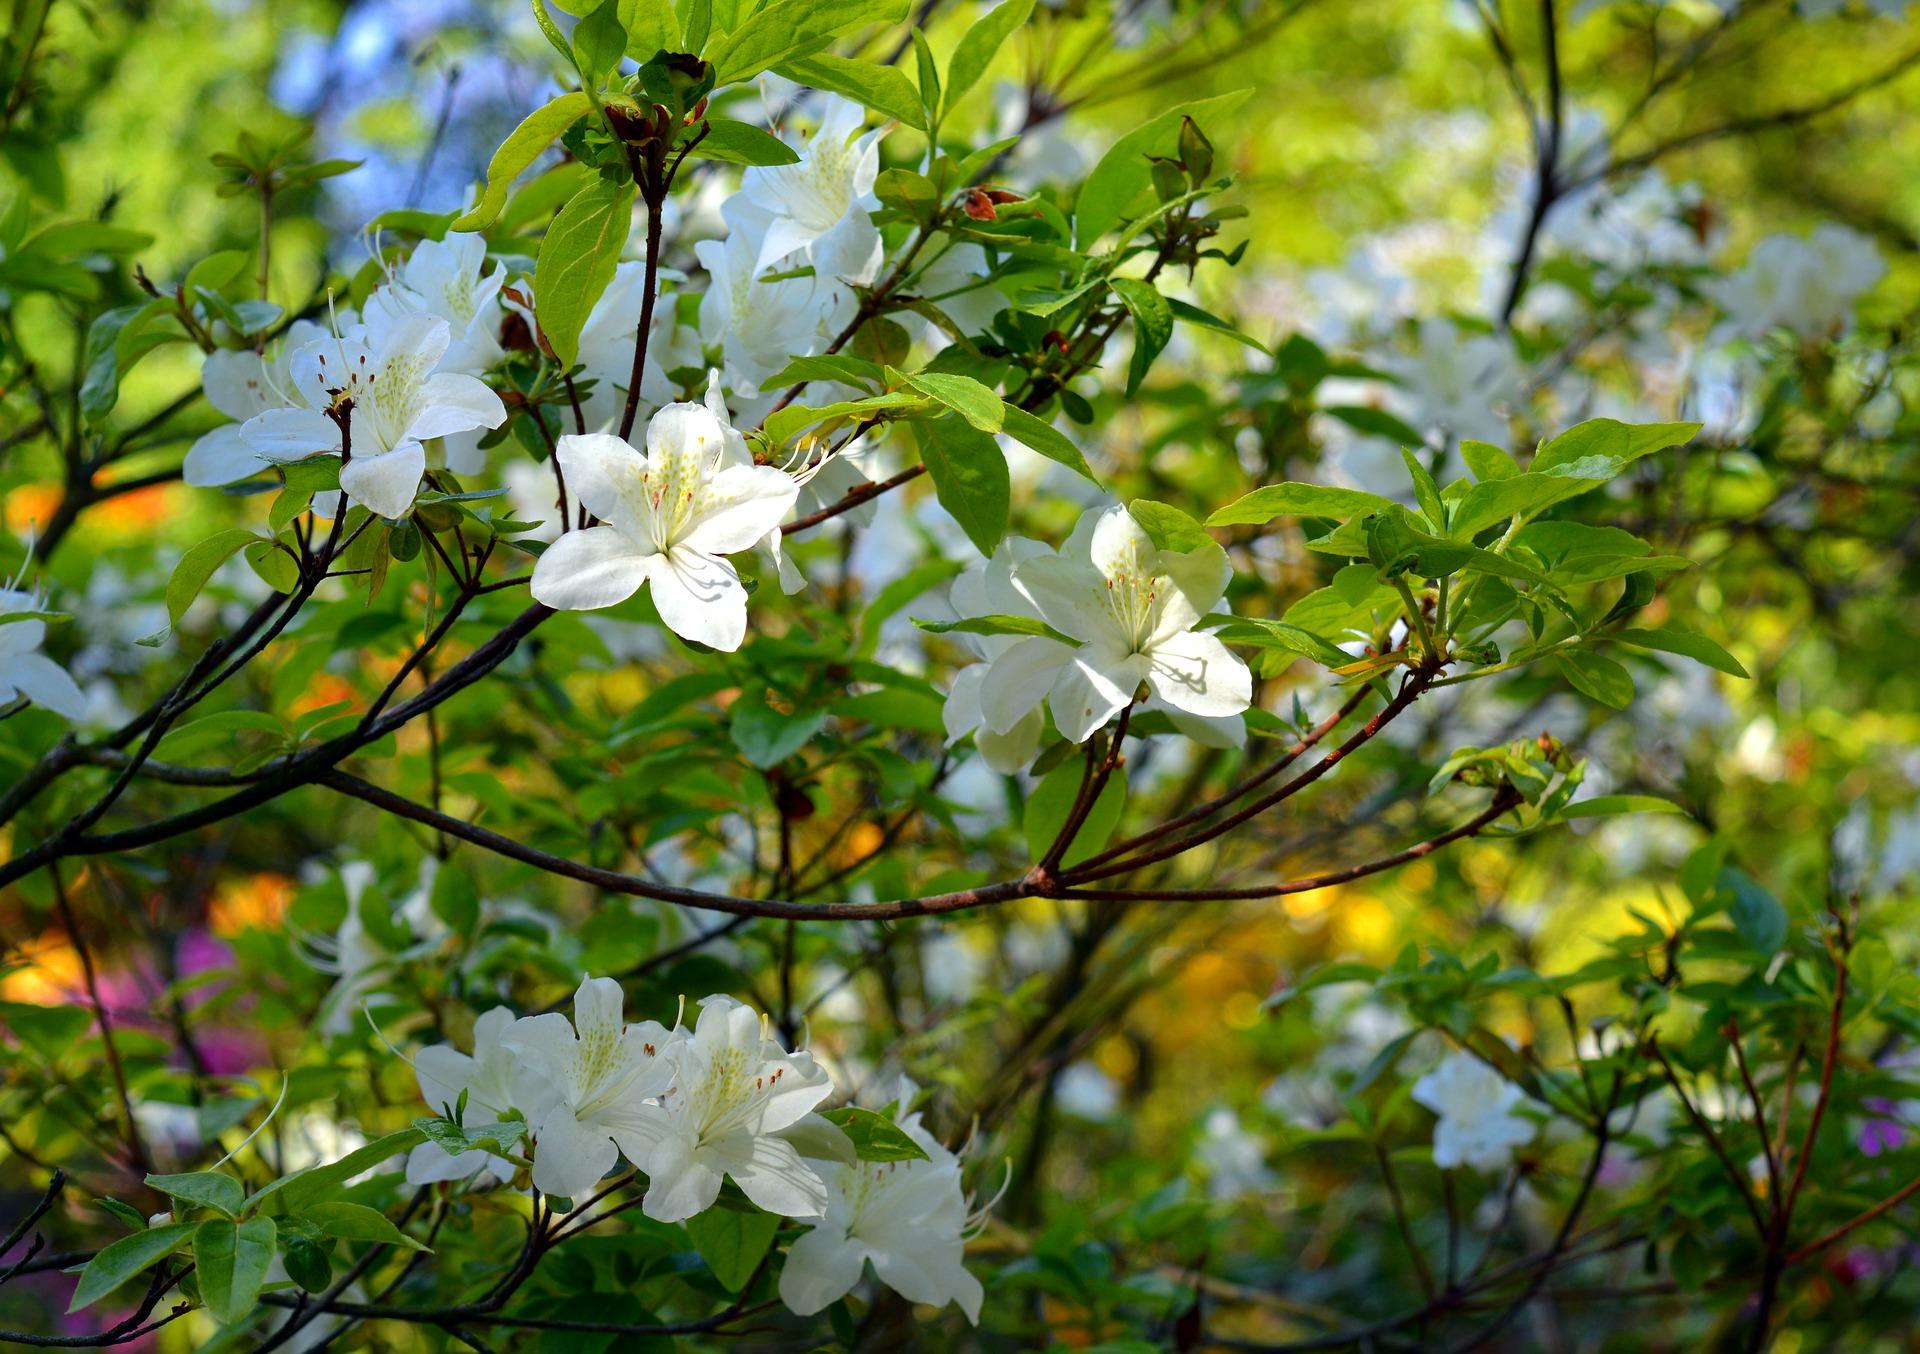 apple-tree-360083_1920.jpg